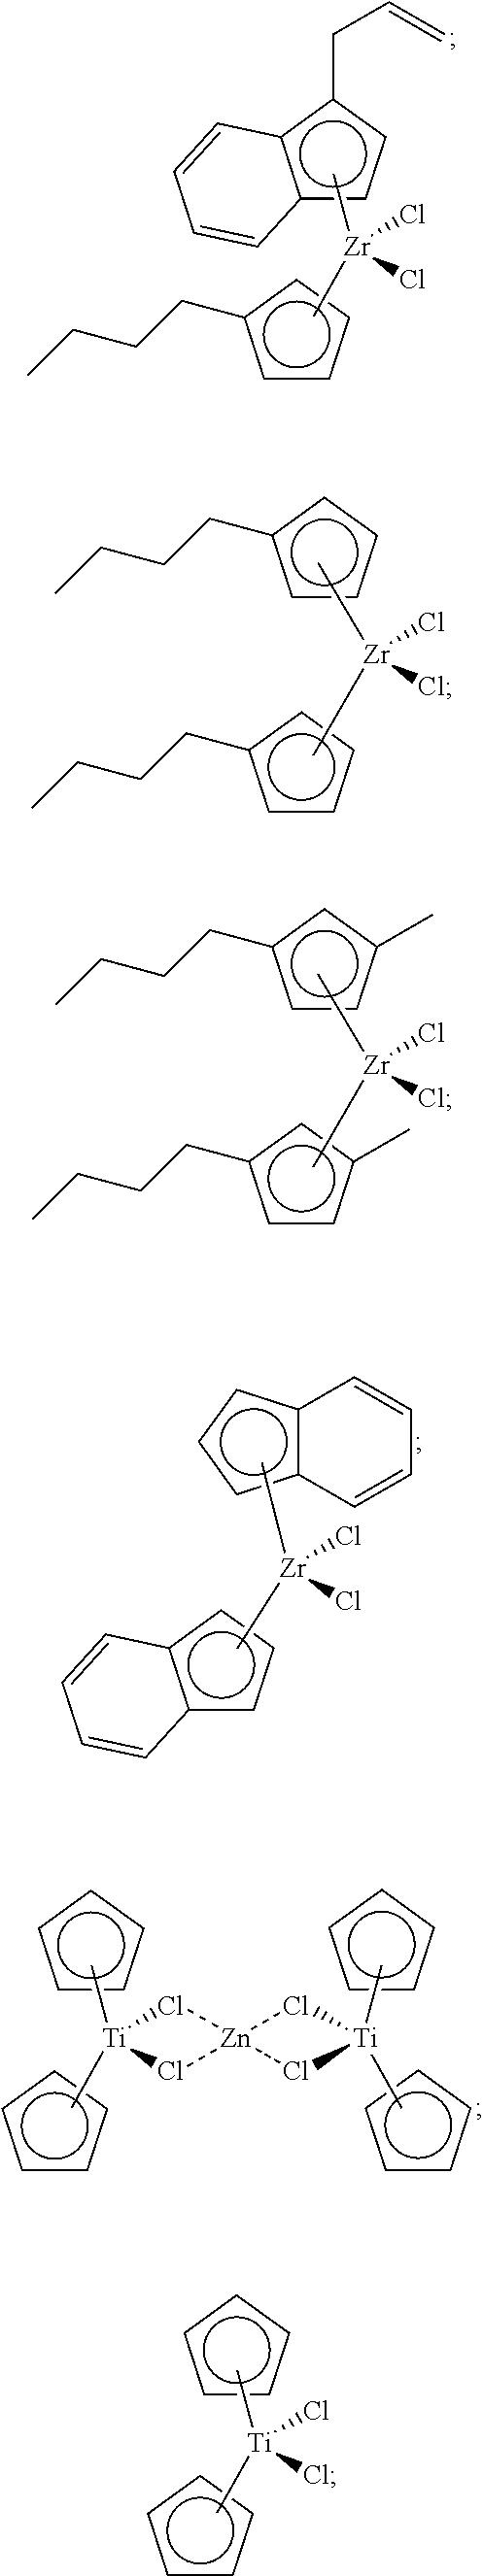 Figure US08450436-20130528-C00043